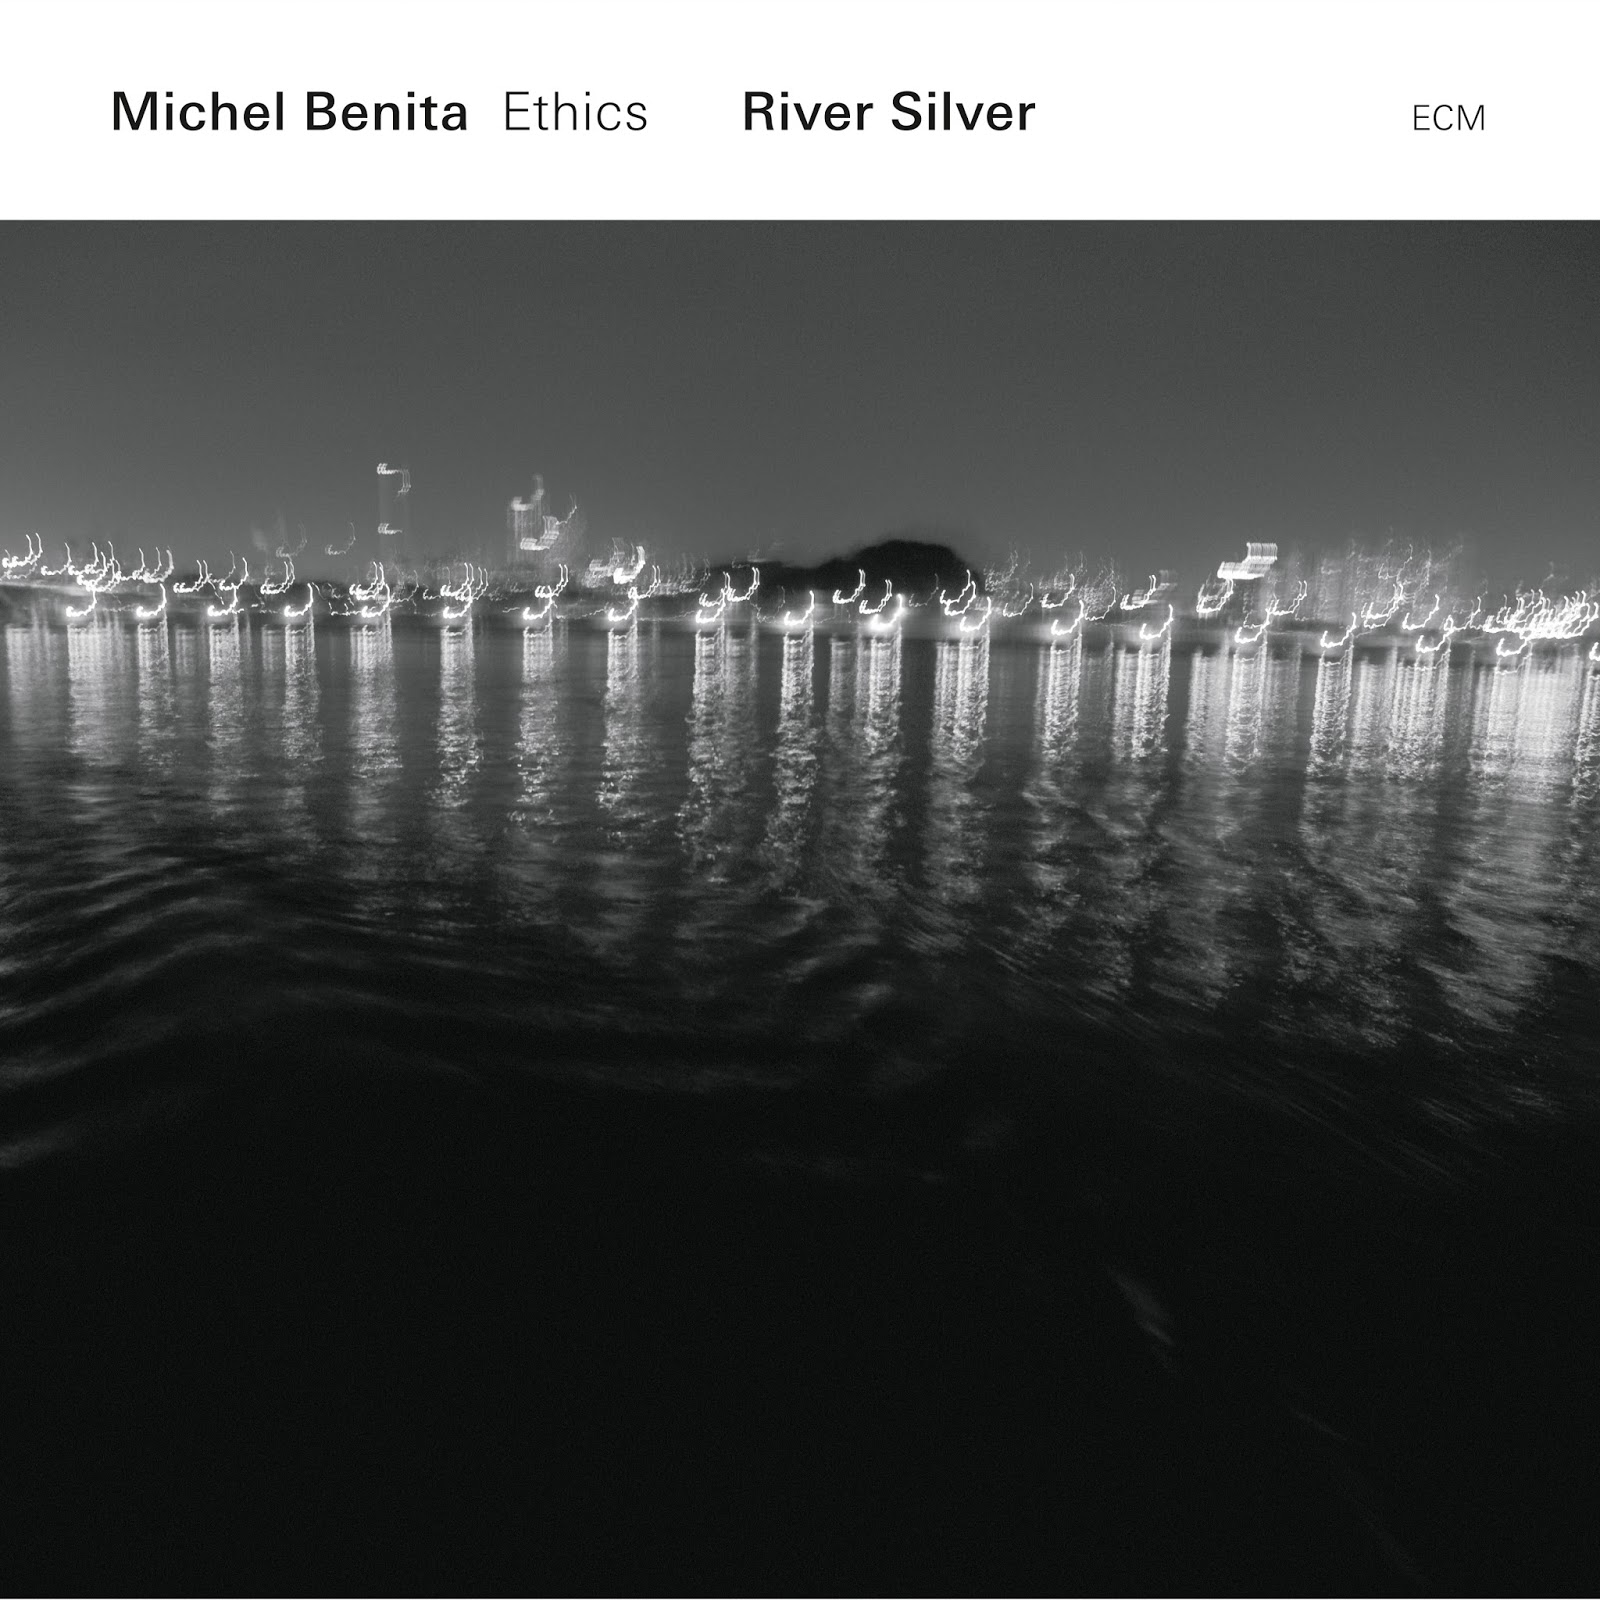 River Silver